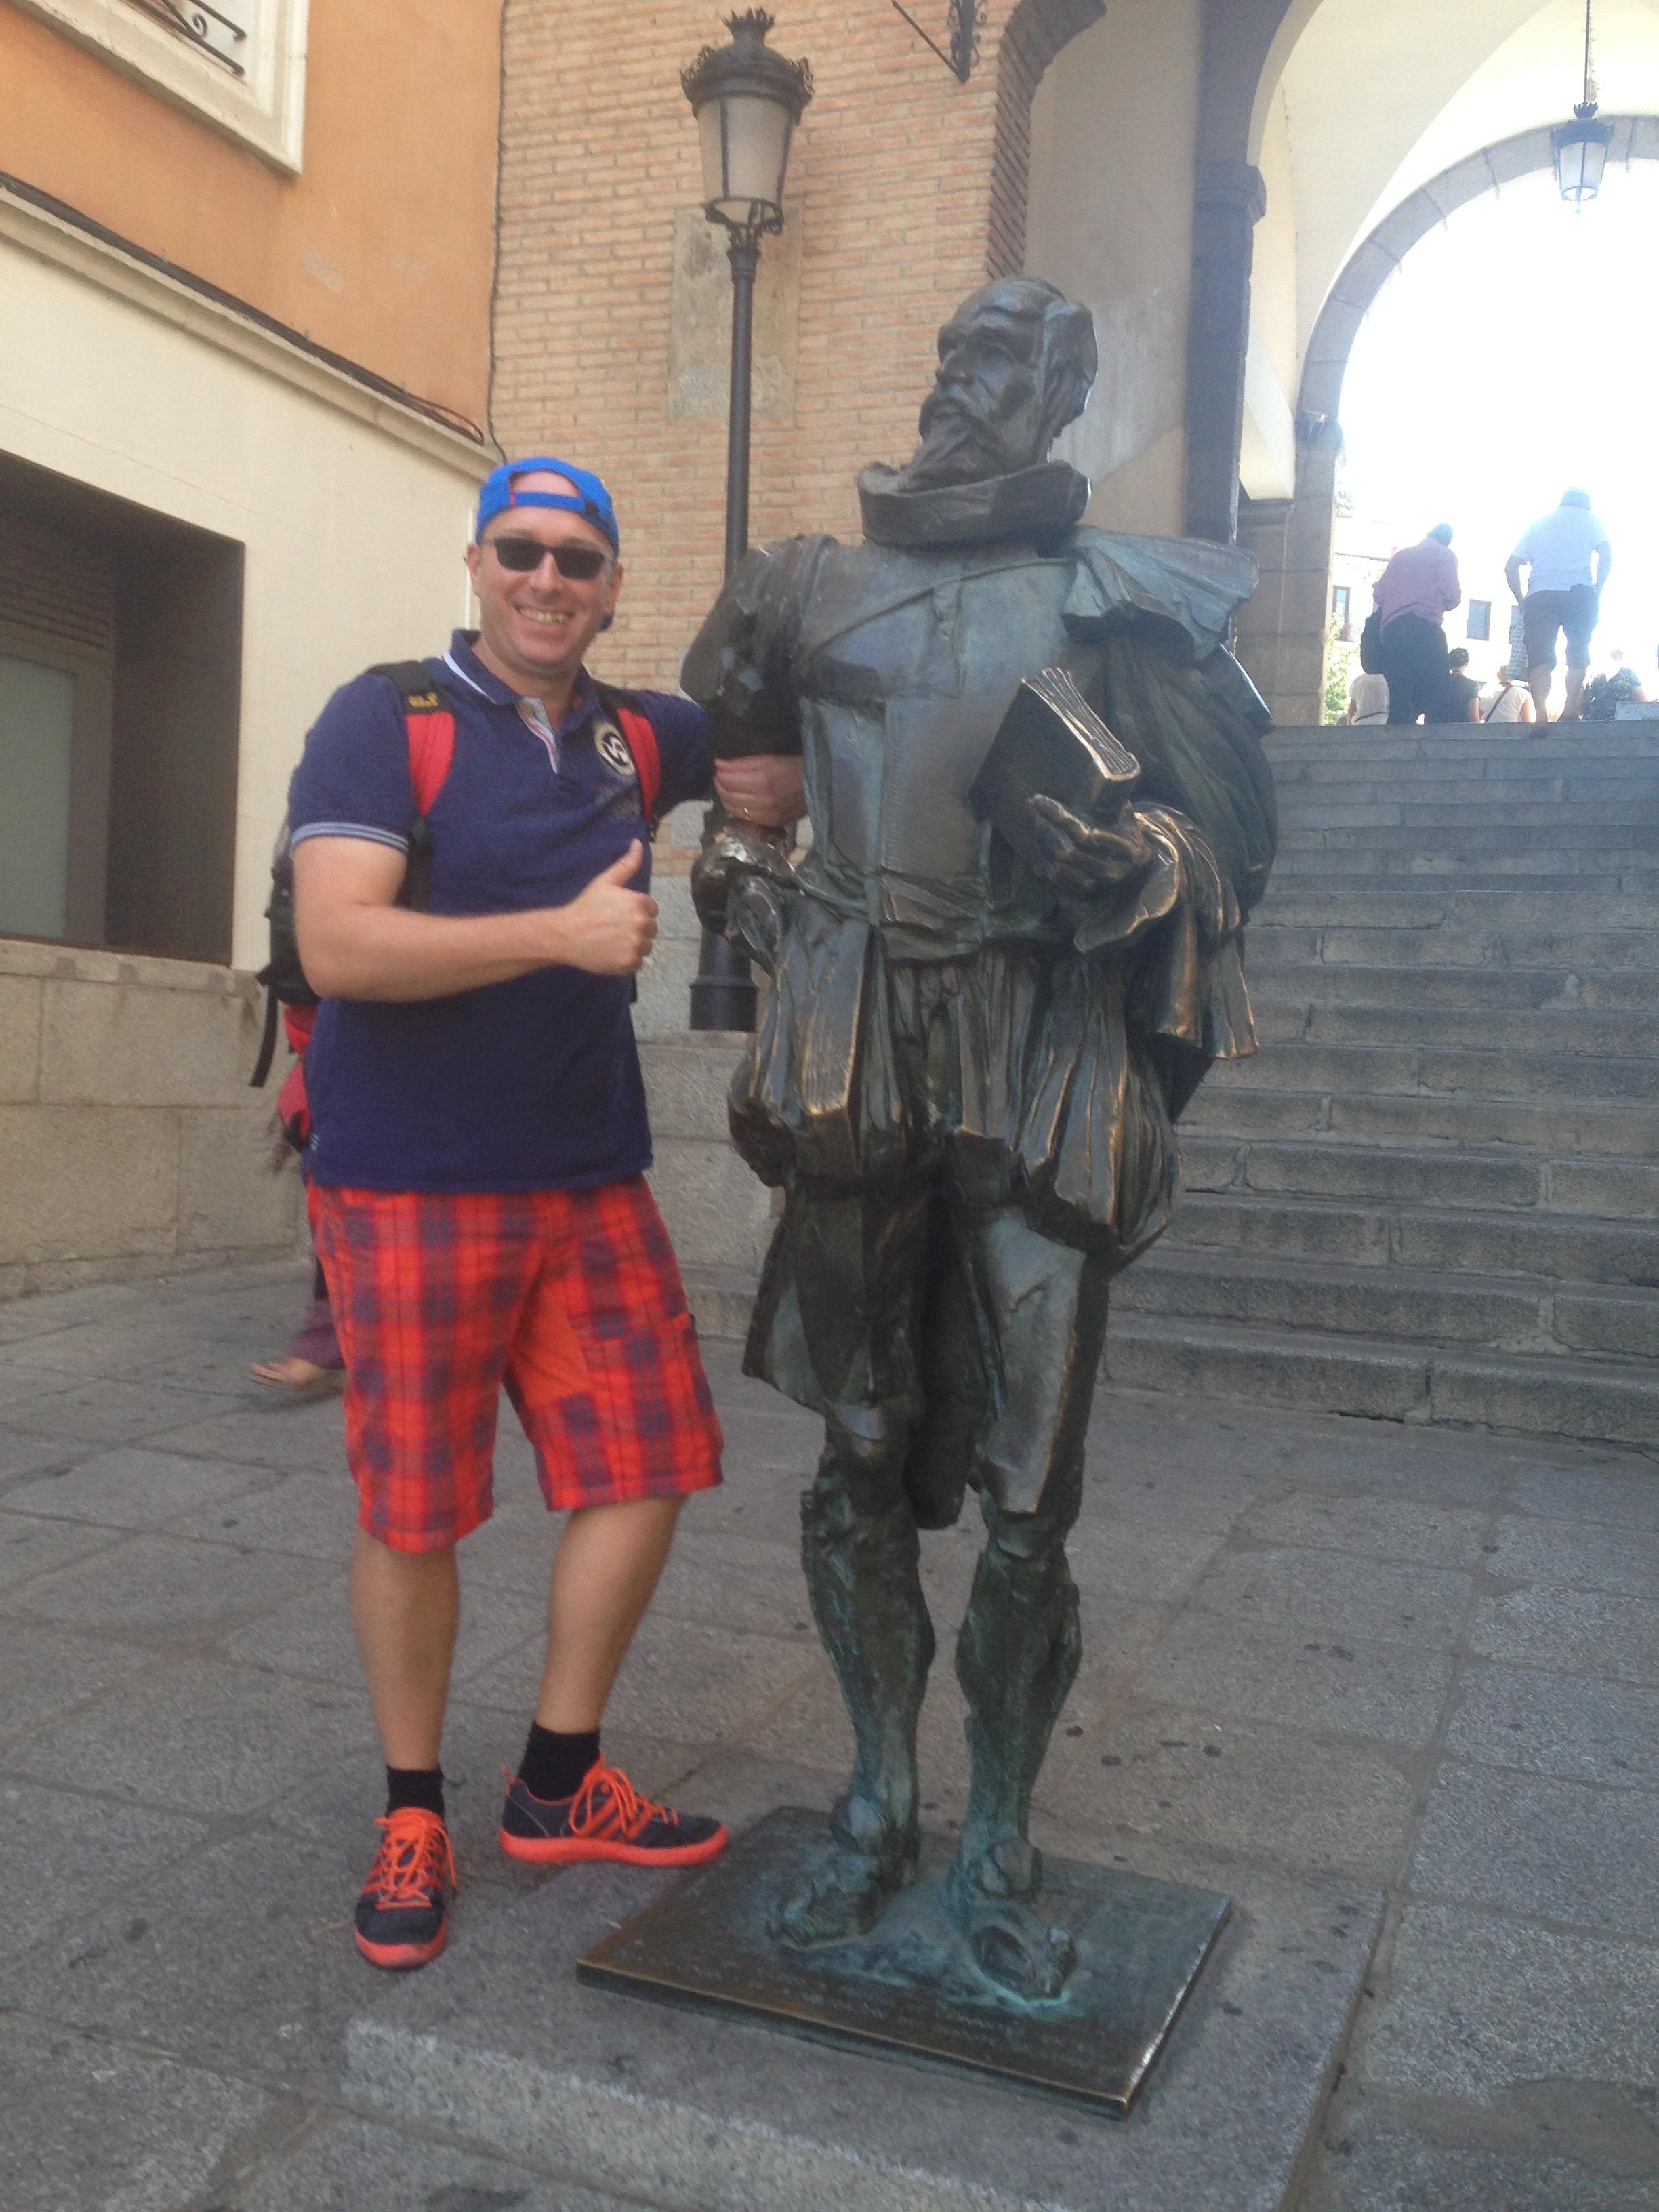 Herr Kramß und señor Cervantes